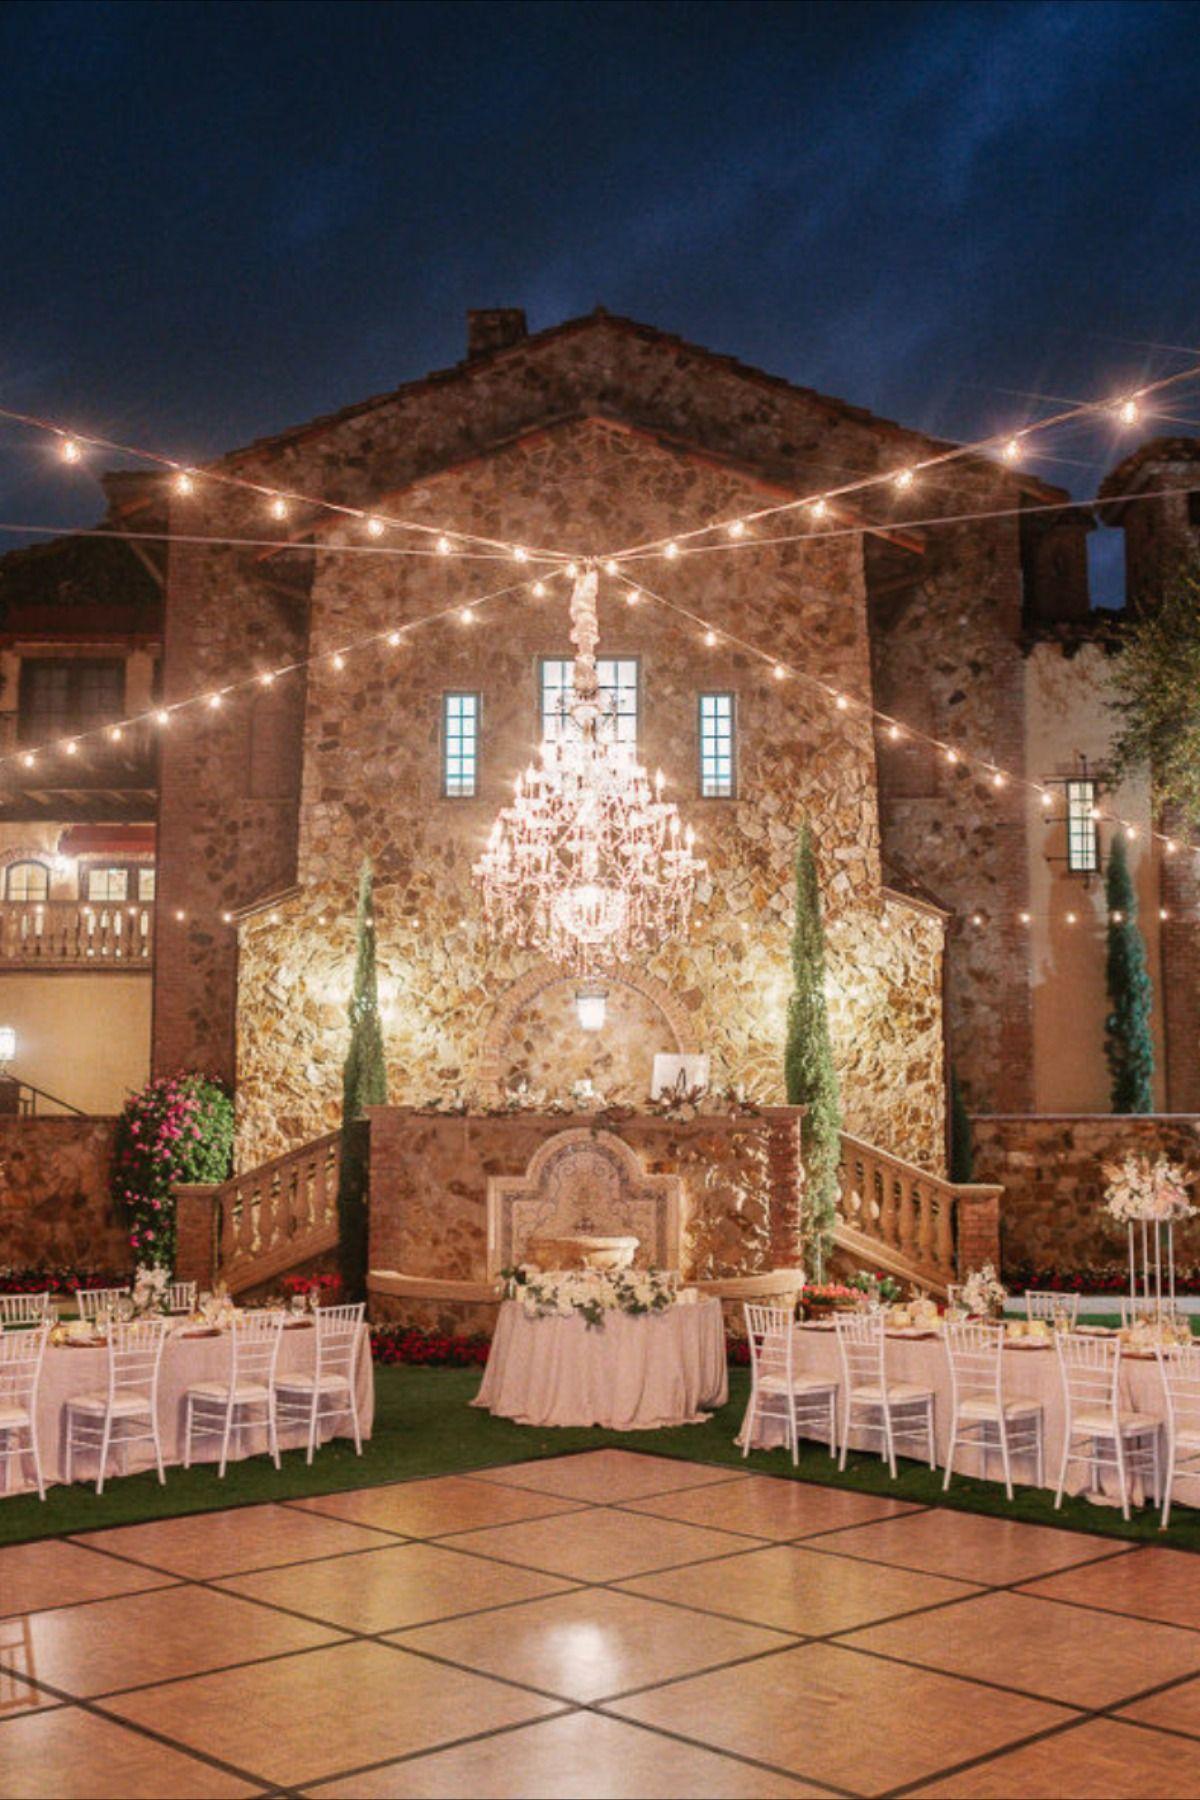 Outdoor Wedding Venue in 2020 | Orlando wedding venues ...